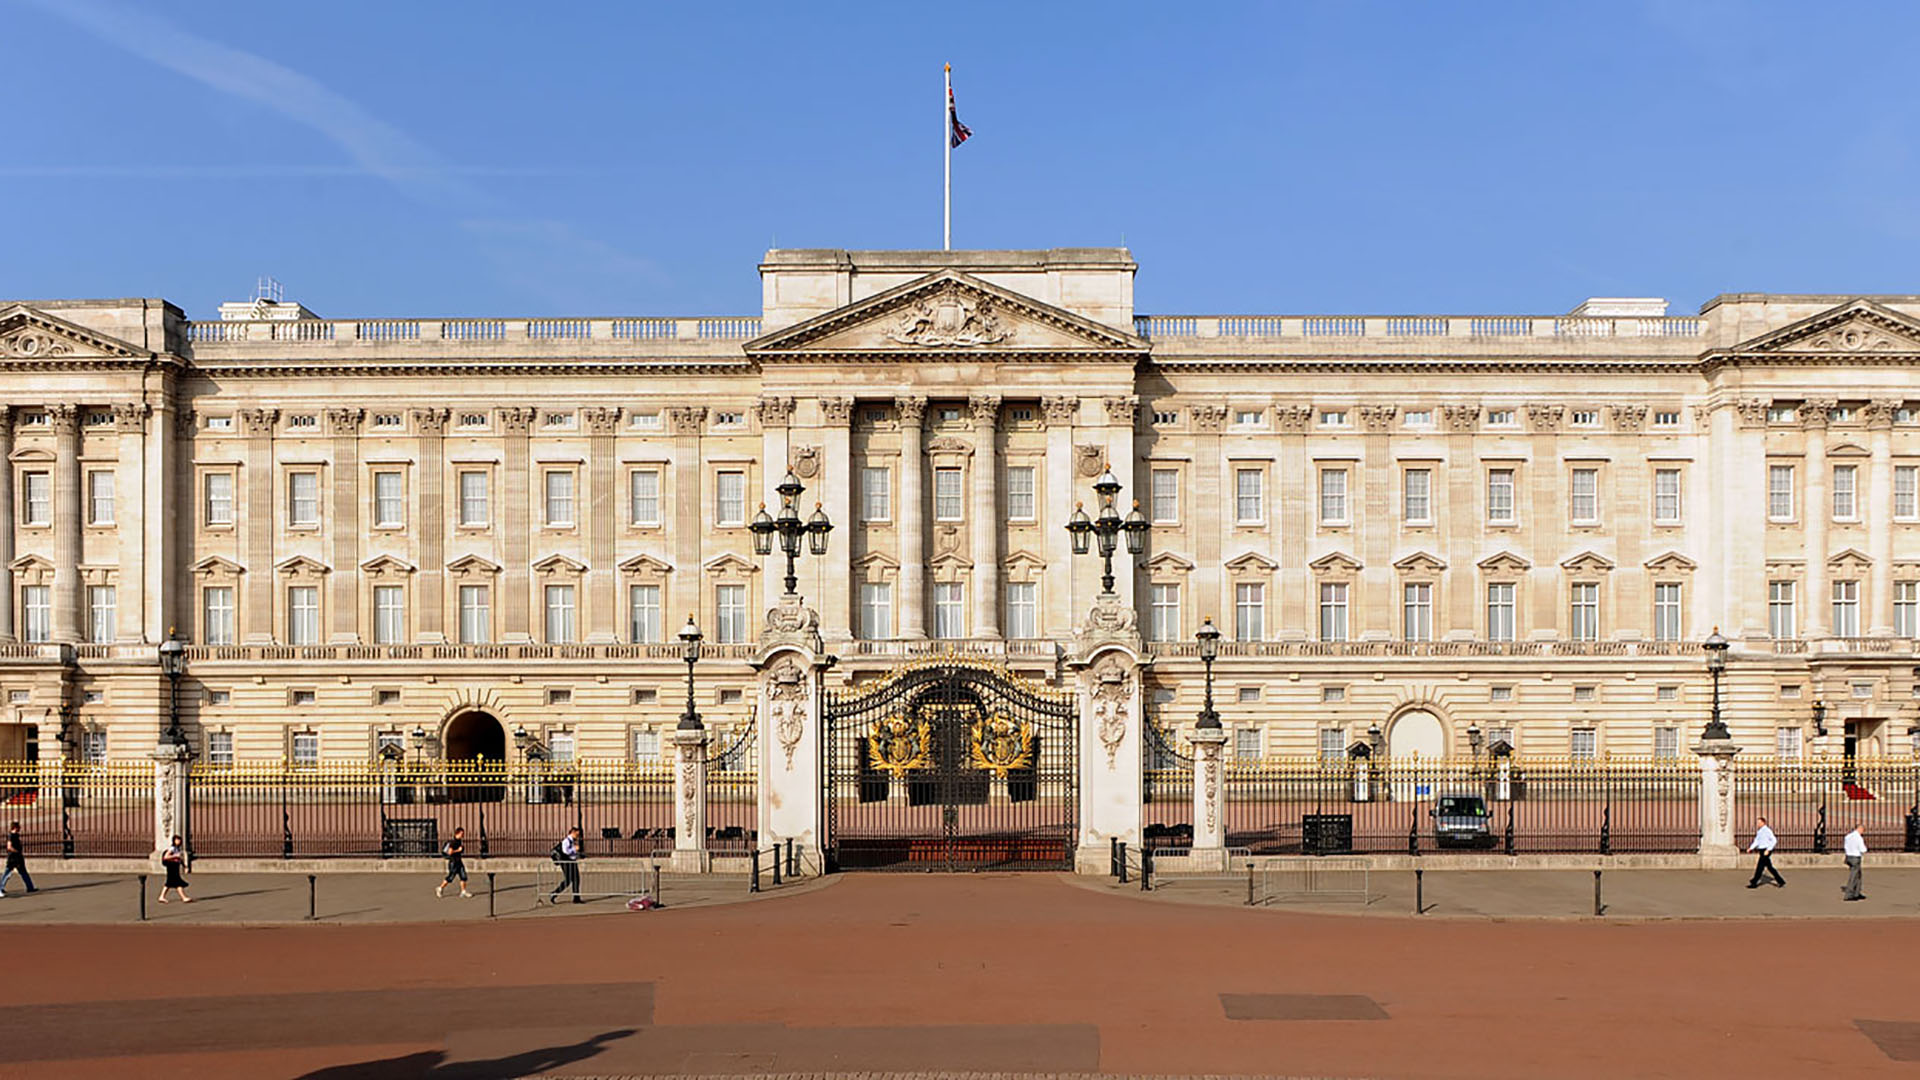 Uno de los palacios más famosos de la Corona Británica, al Buckingham Palace es posible visitarlo